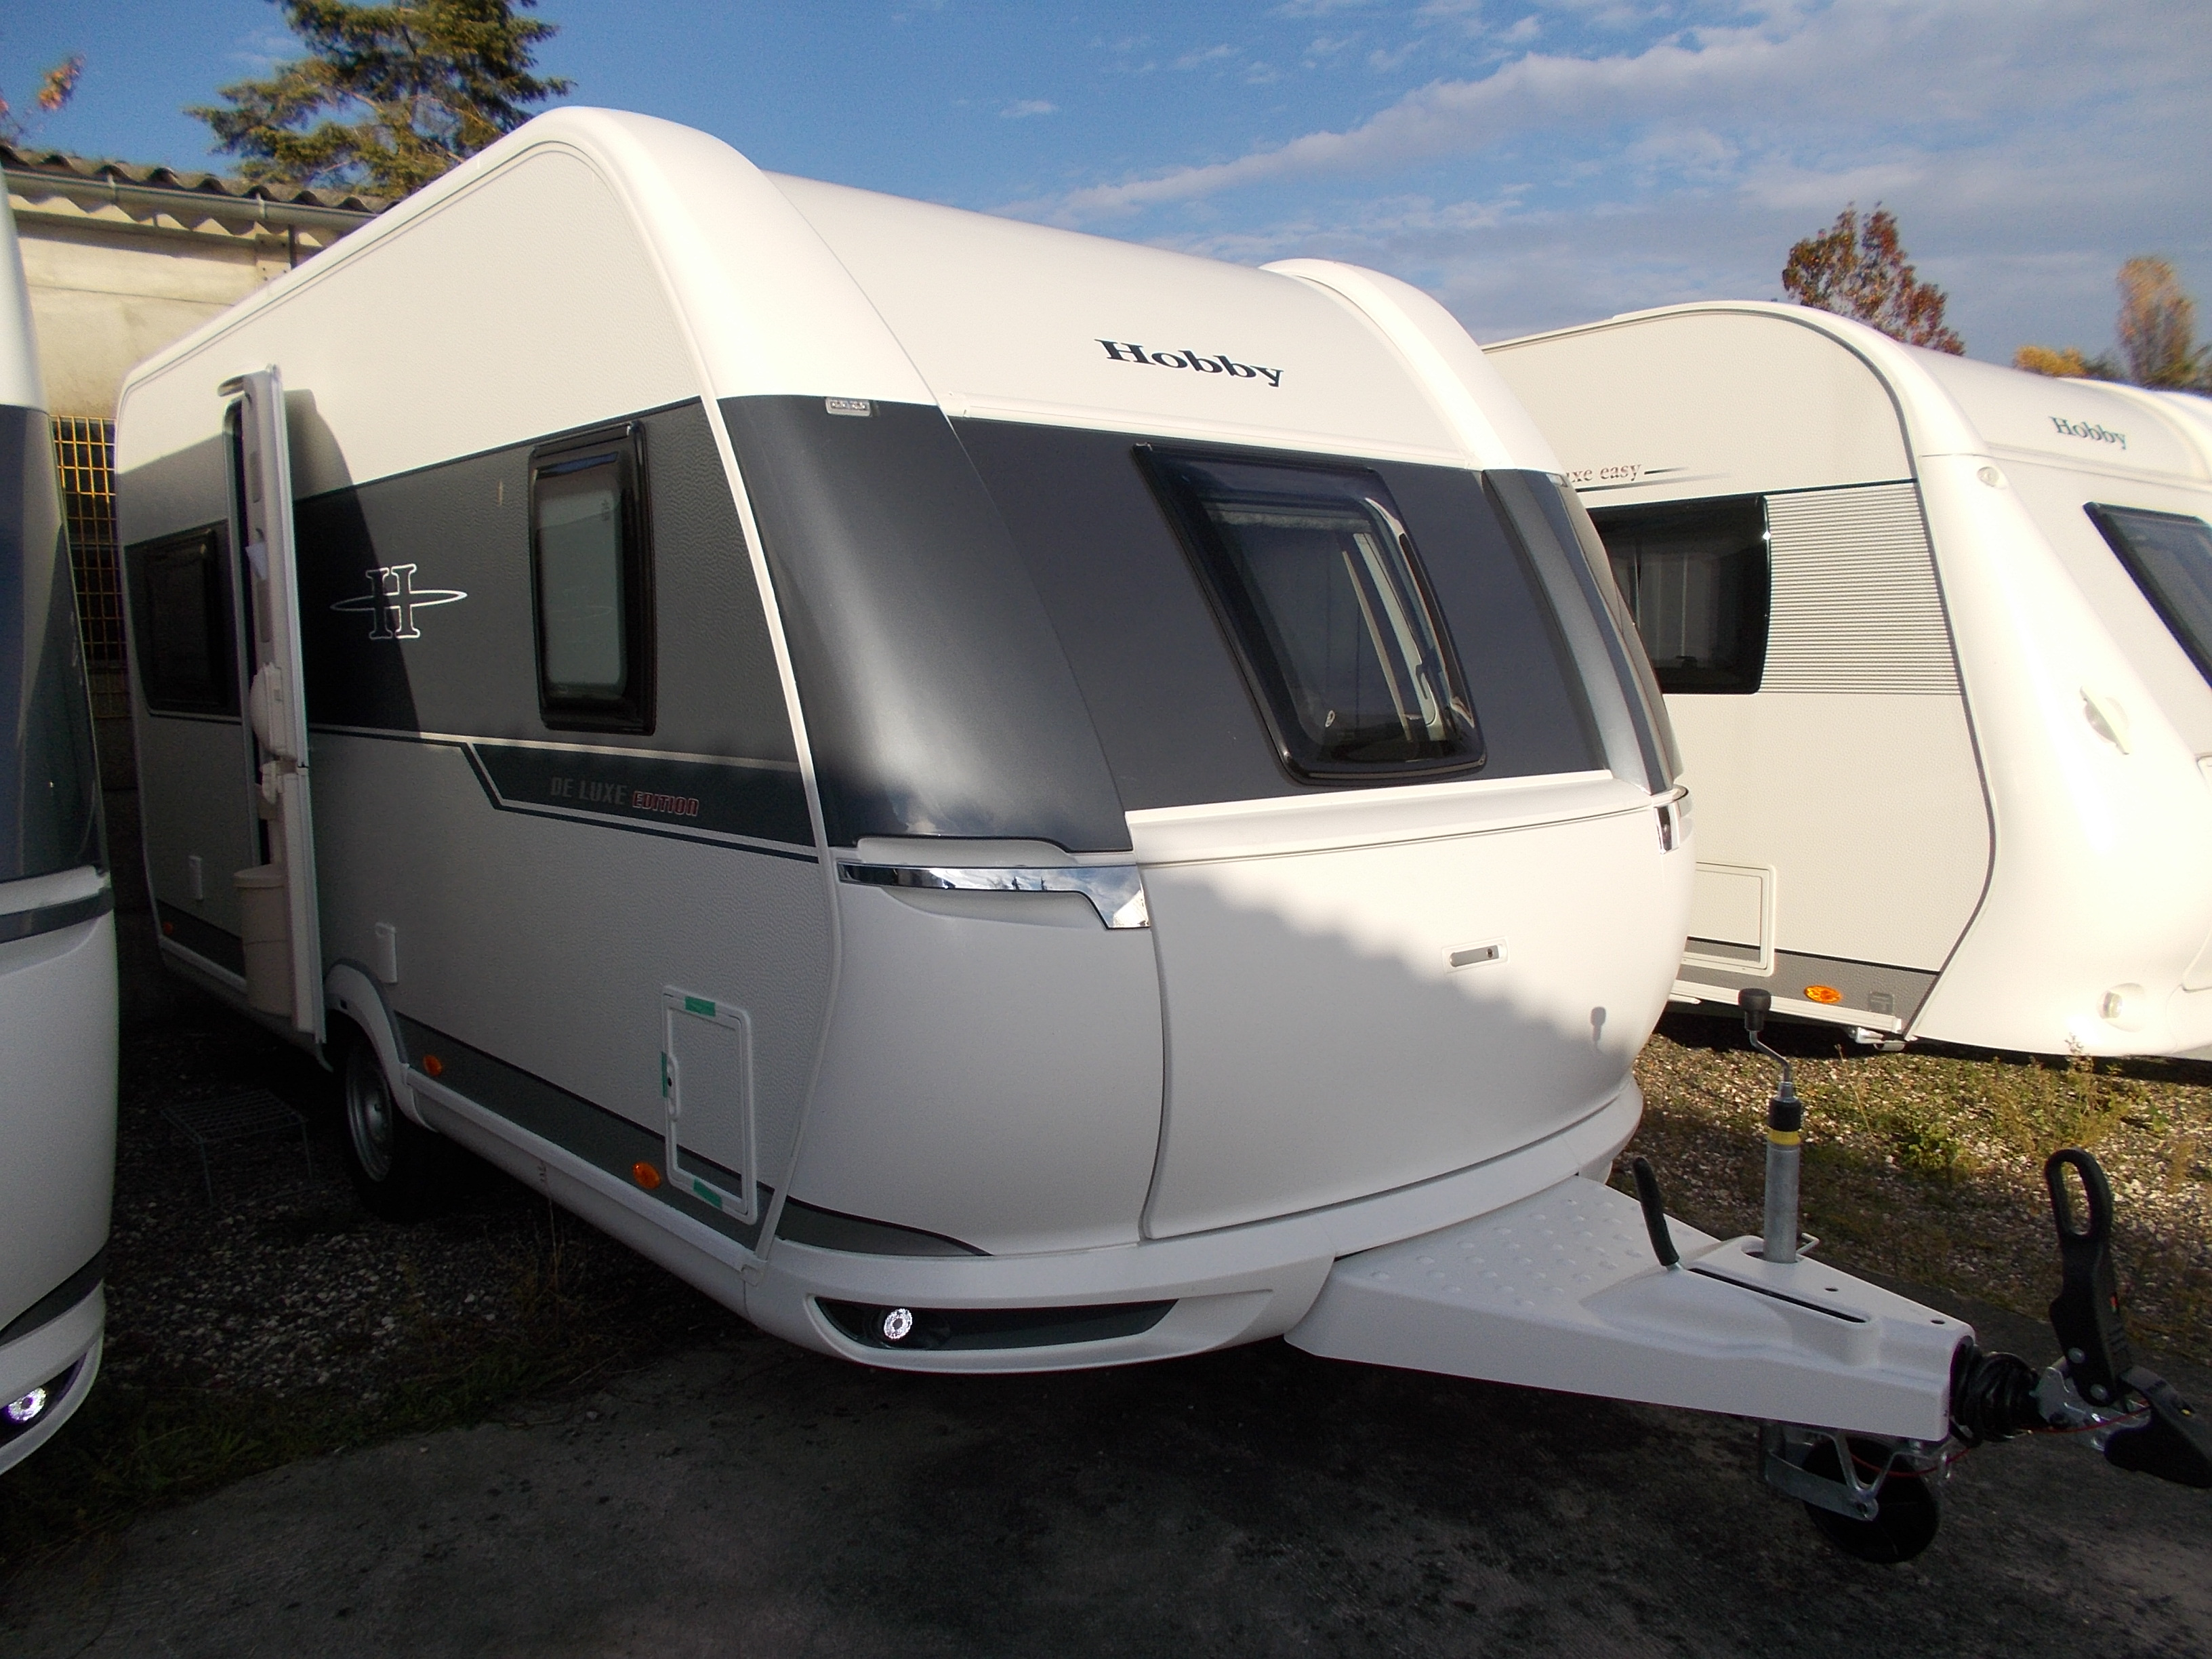 caravane hobby occasion 460 ufe. Black Bedroom Furniture Sets. Home Design Ideas